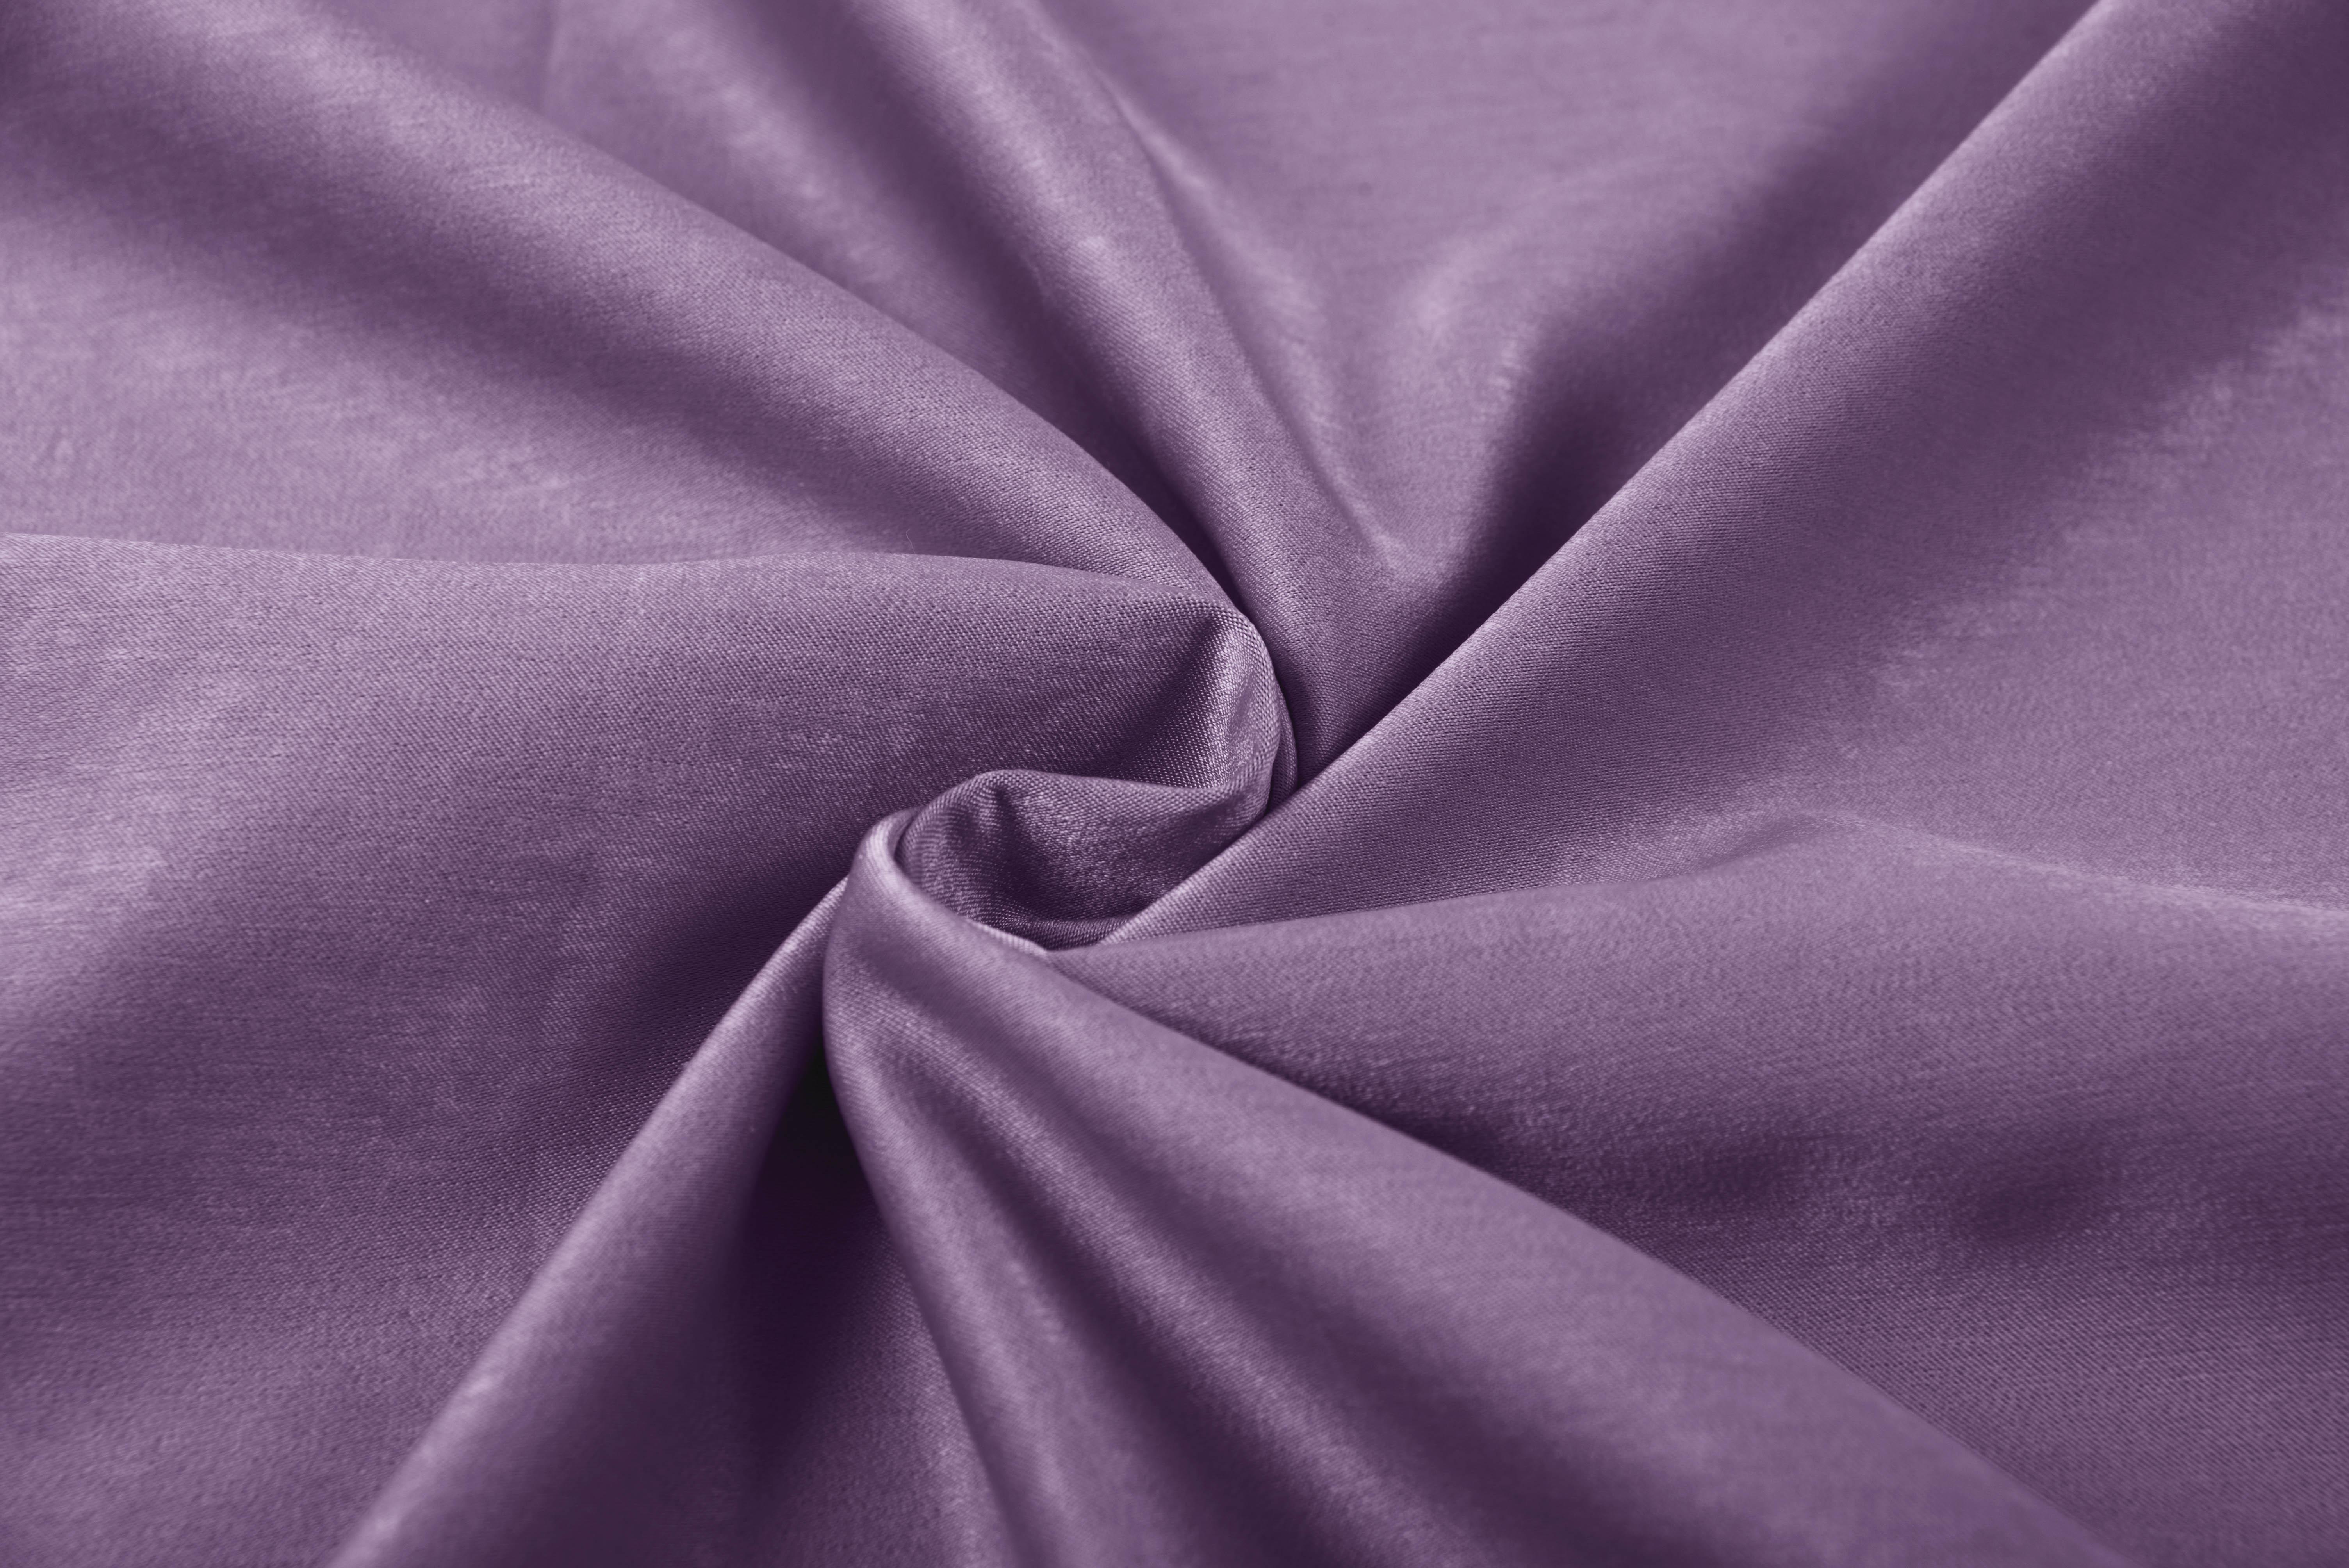 Купить Ткани TexRepublic, Материал Бархат Wet Silk Цвет: Сиреневый, Китай